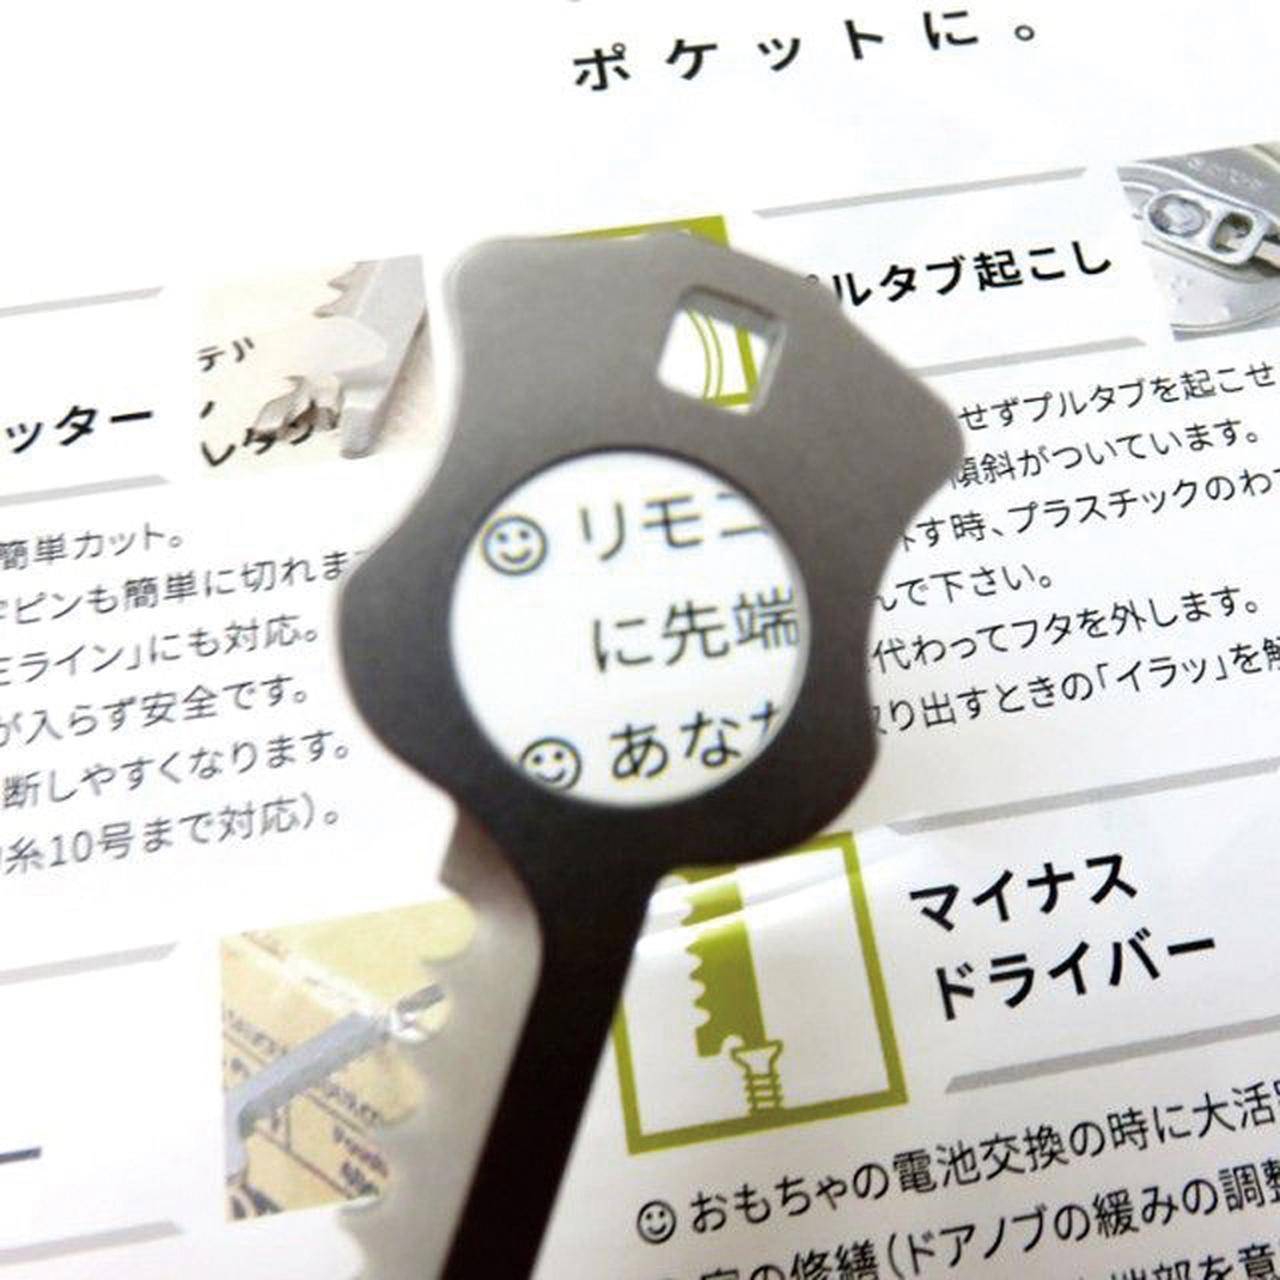 画像: 細かい文字を確認するときに便利な拡大鏡を装備。